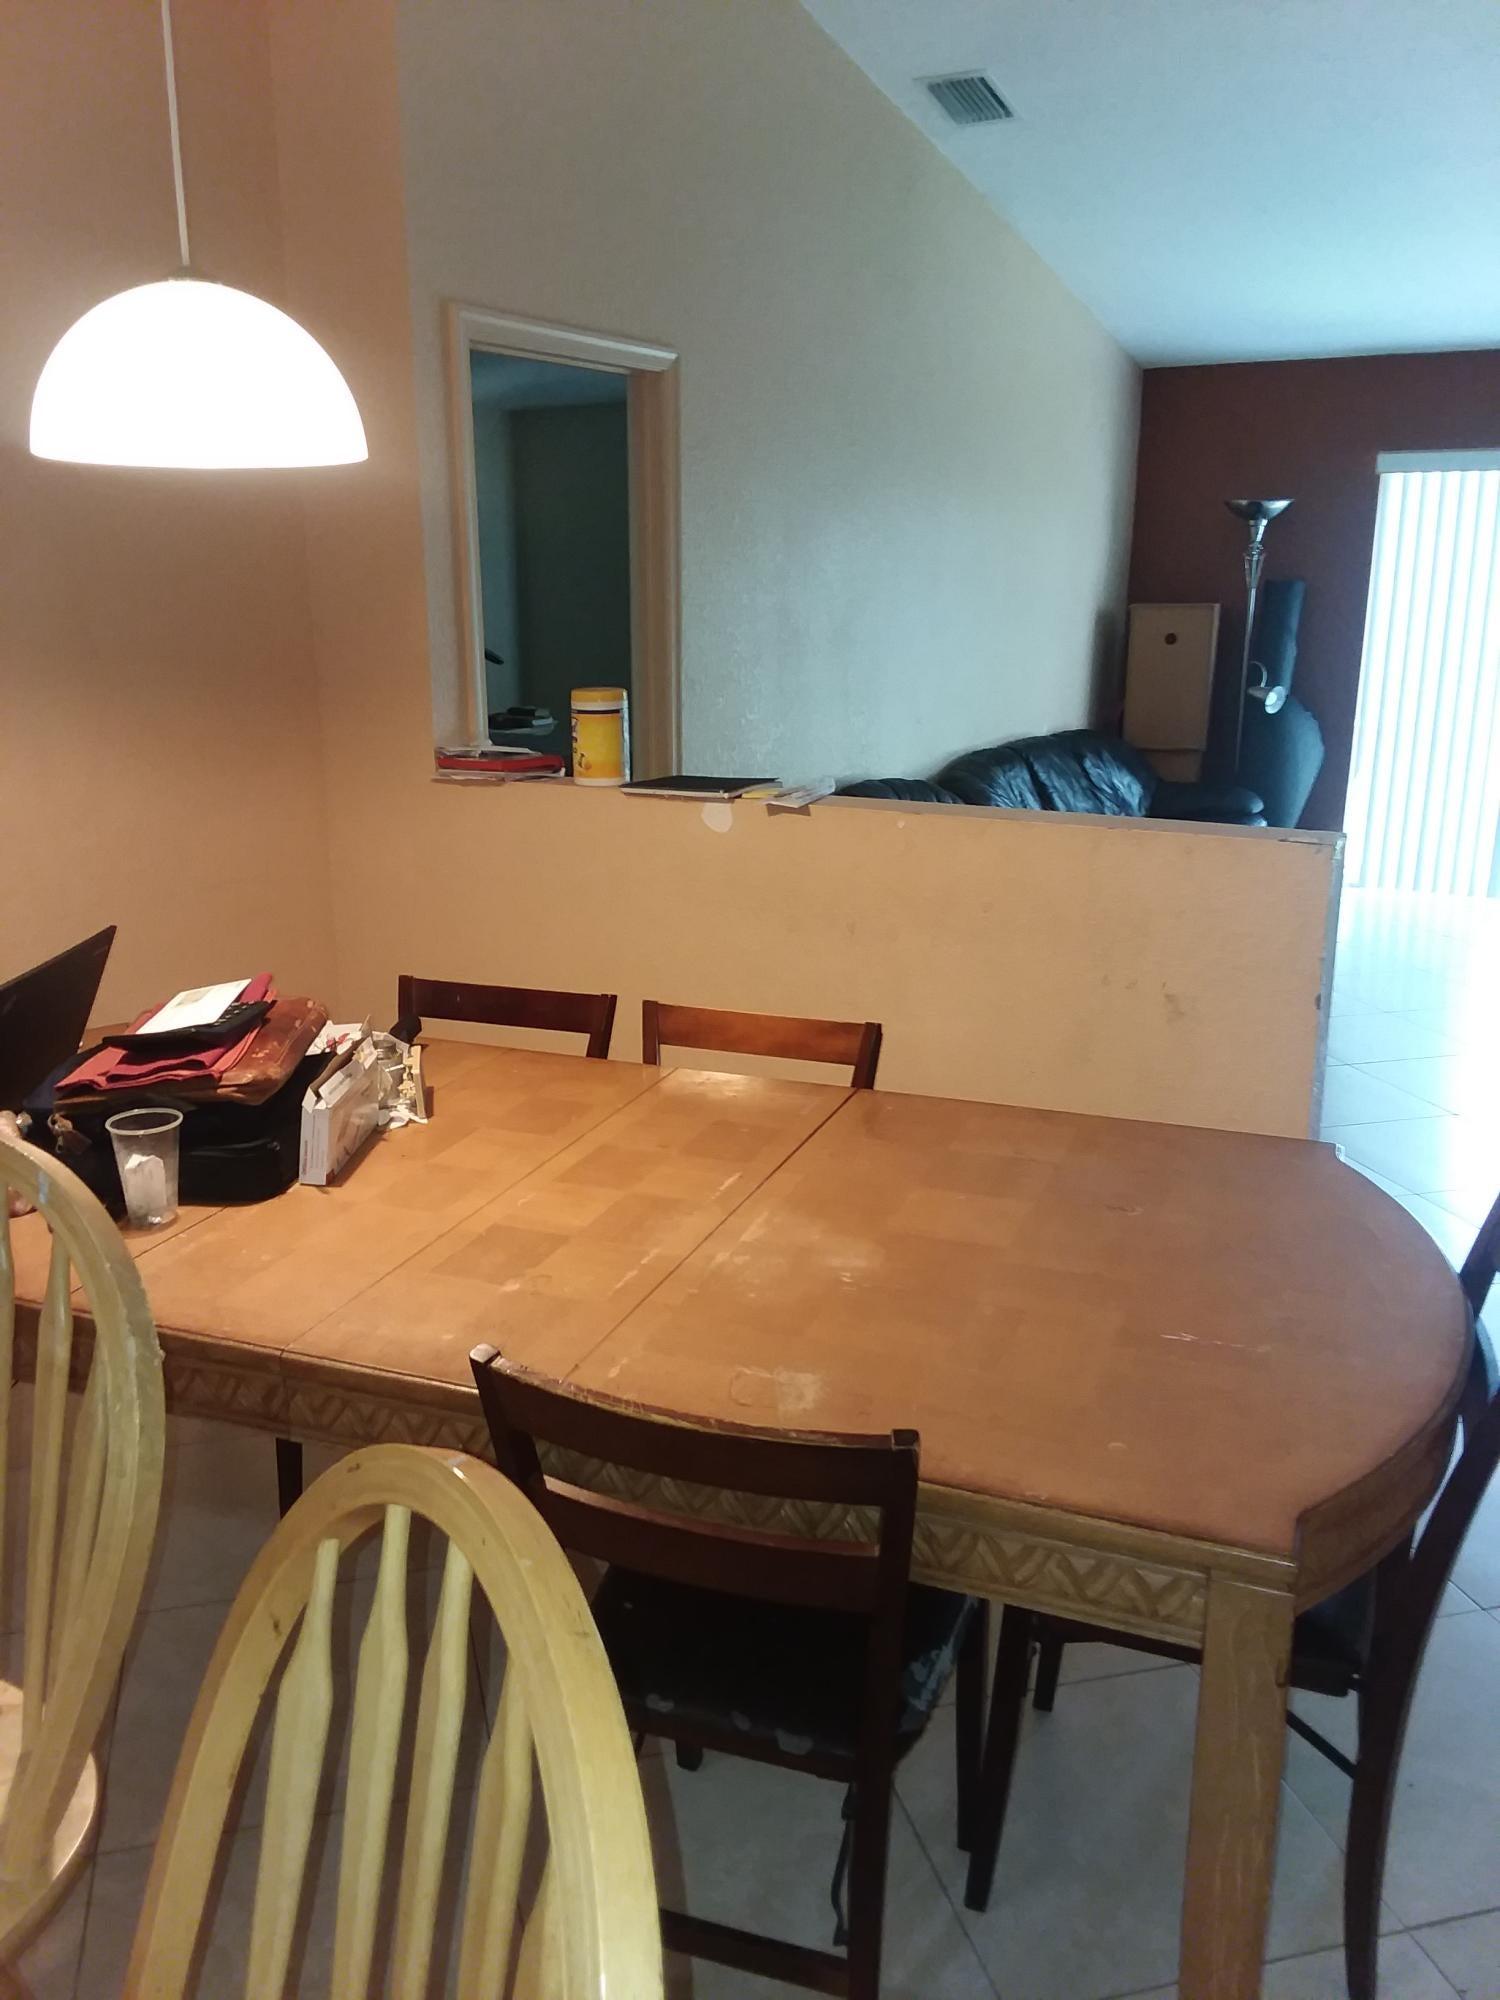 Additional photo for property listing at 6539 Rainwood Cove Lane  Lake Worth, Florida 33463 United States